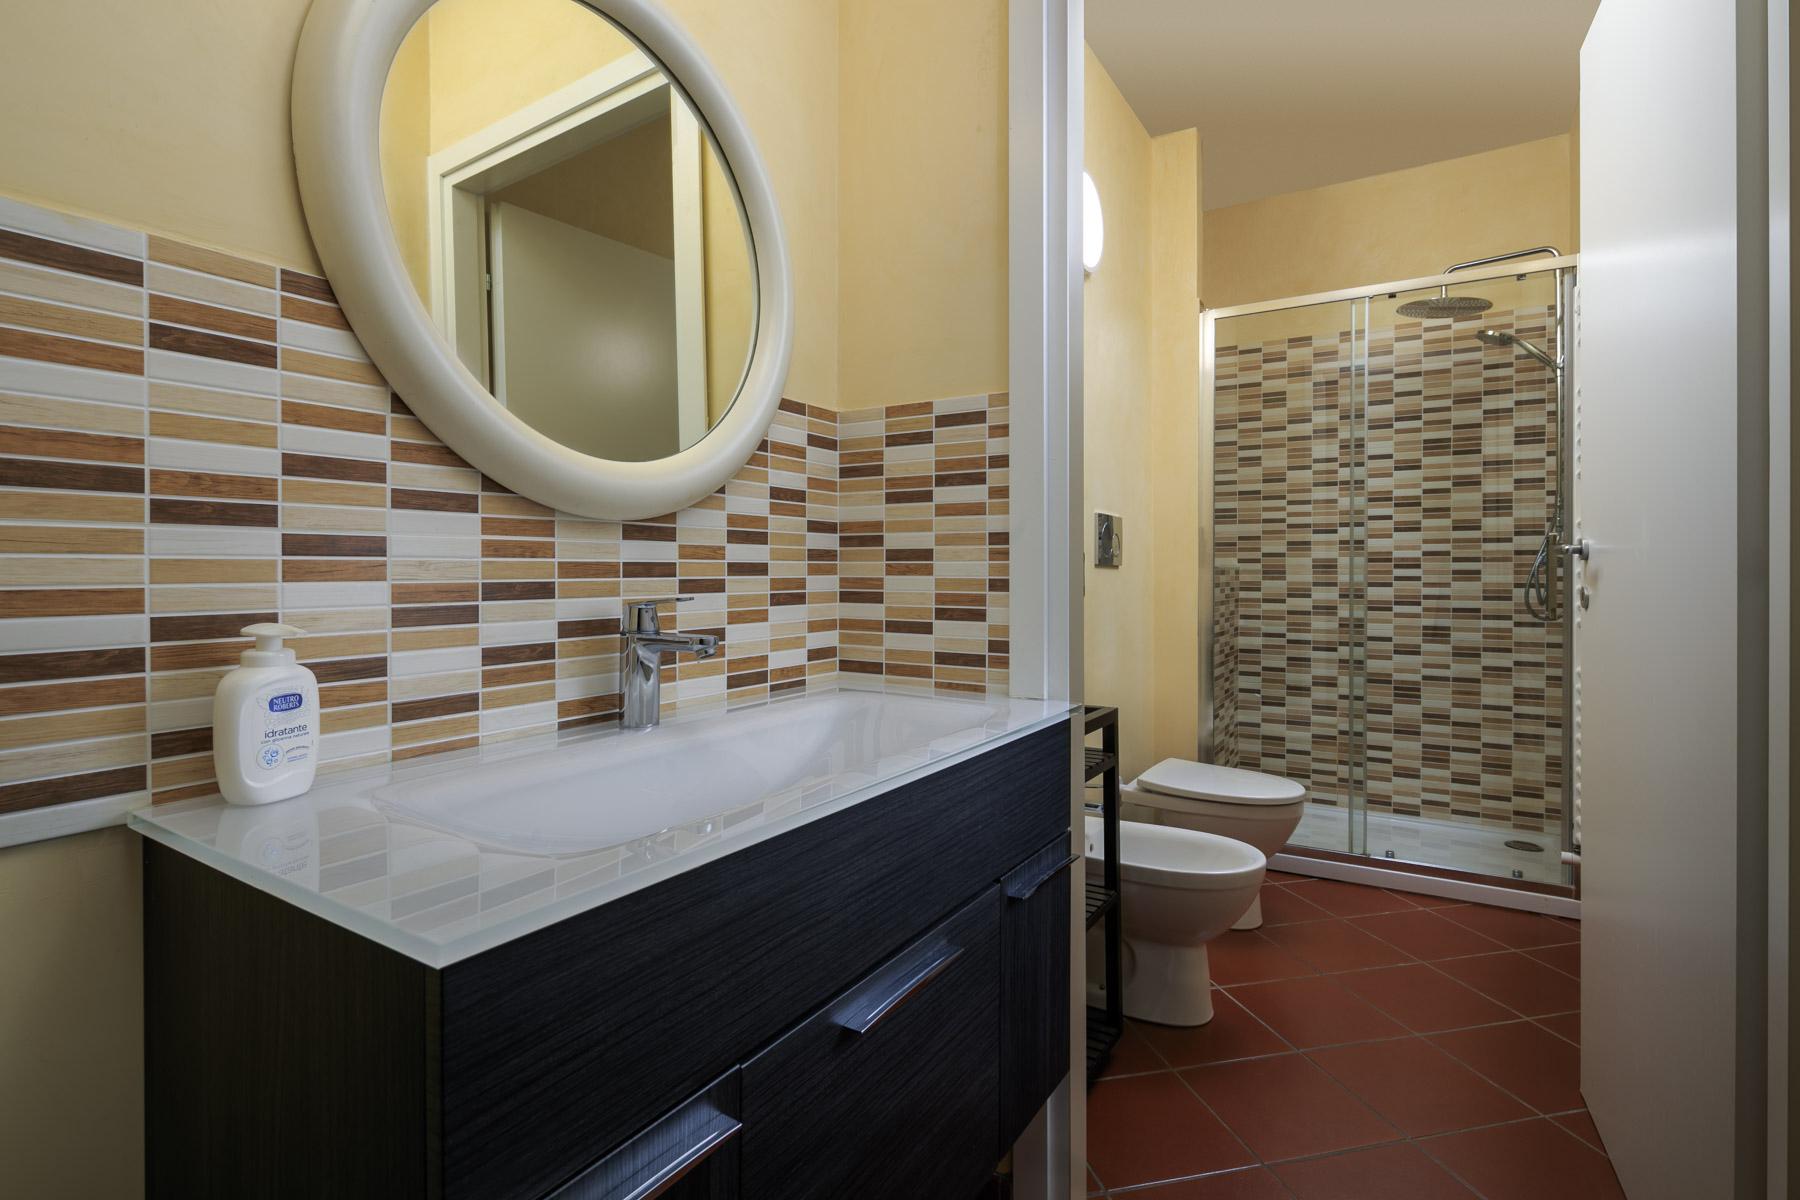 Appartamento in Vendita a Firenze: 4 locali, 149 mq - Foto 13